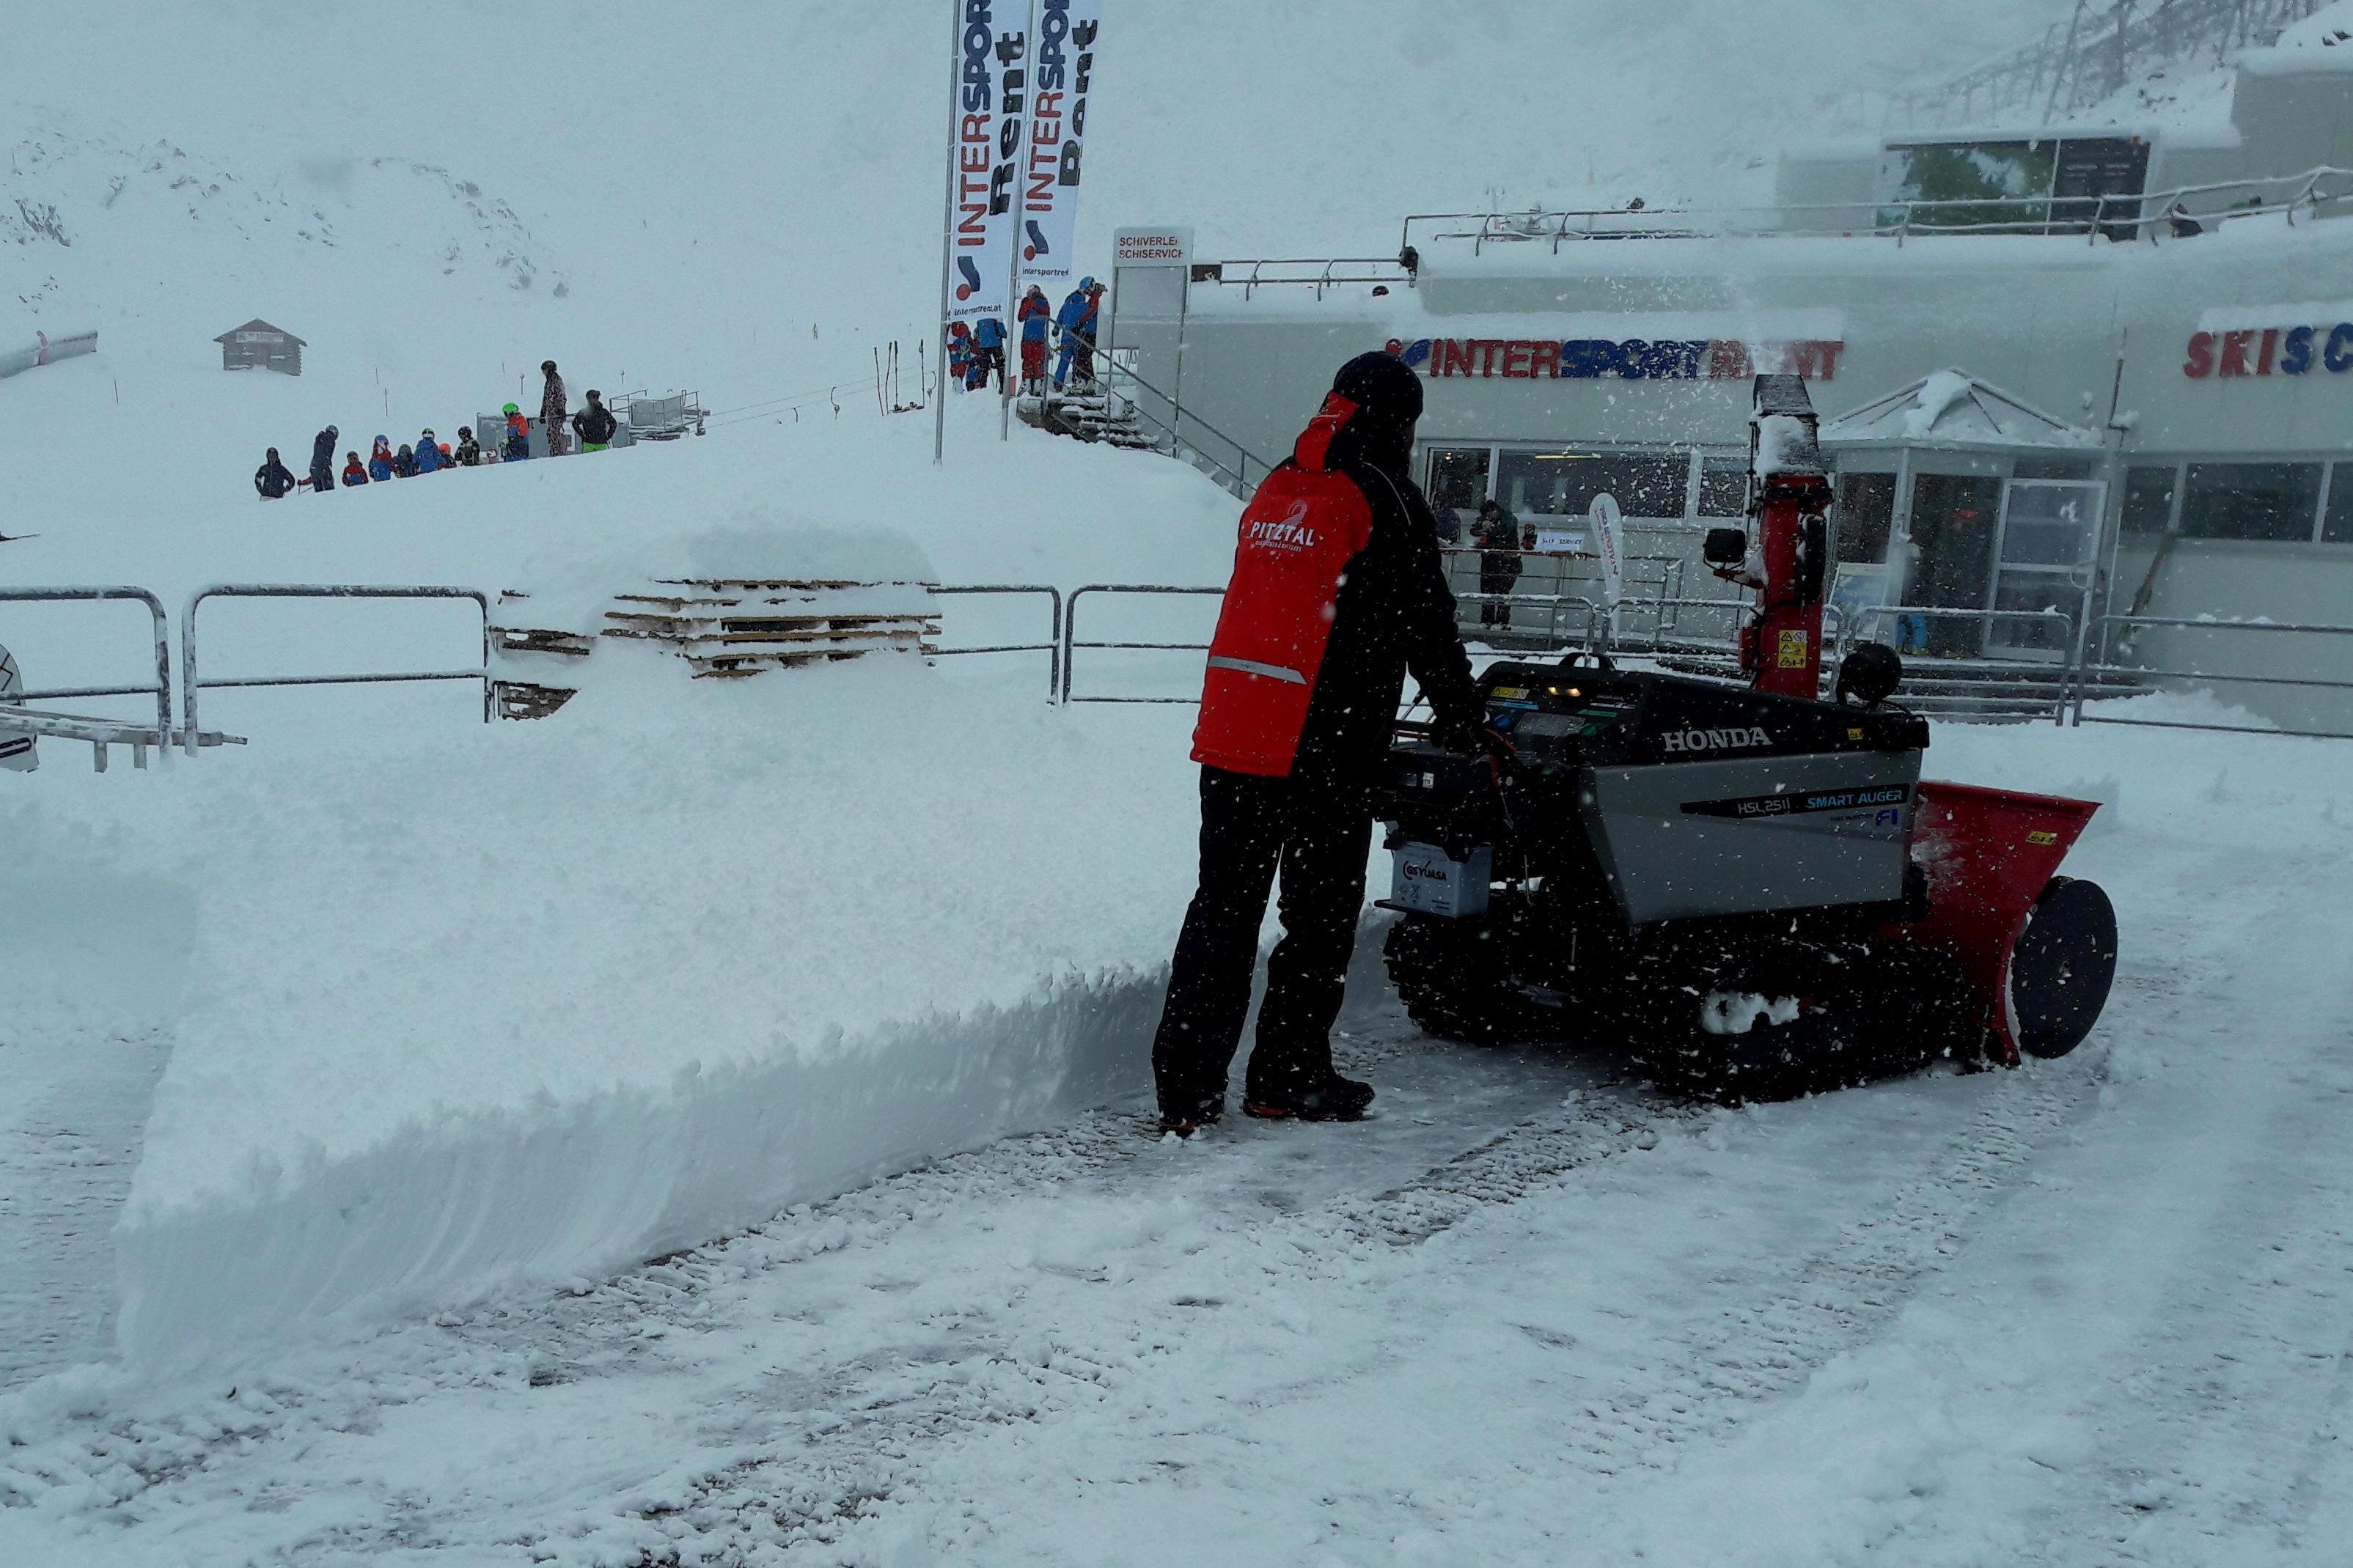 Schneefräse bei 40cm Neuschnee im Einsatz